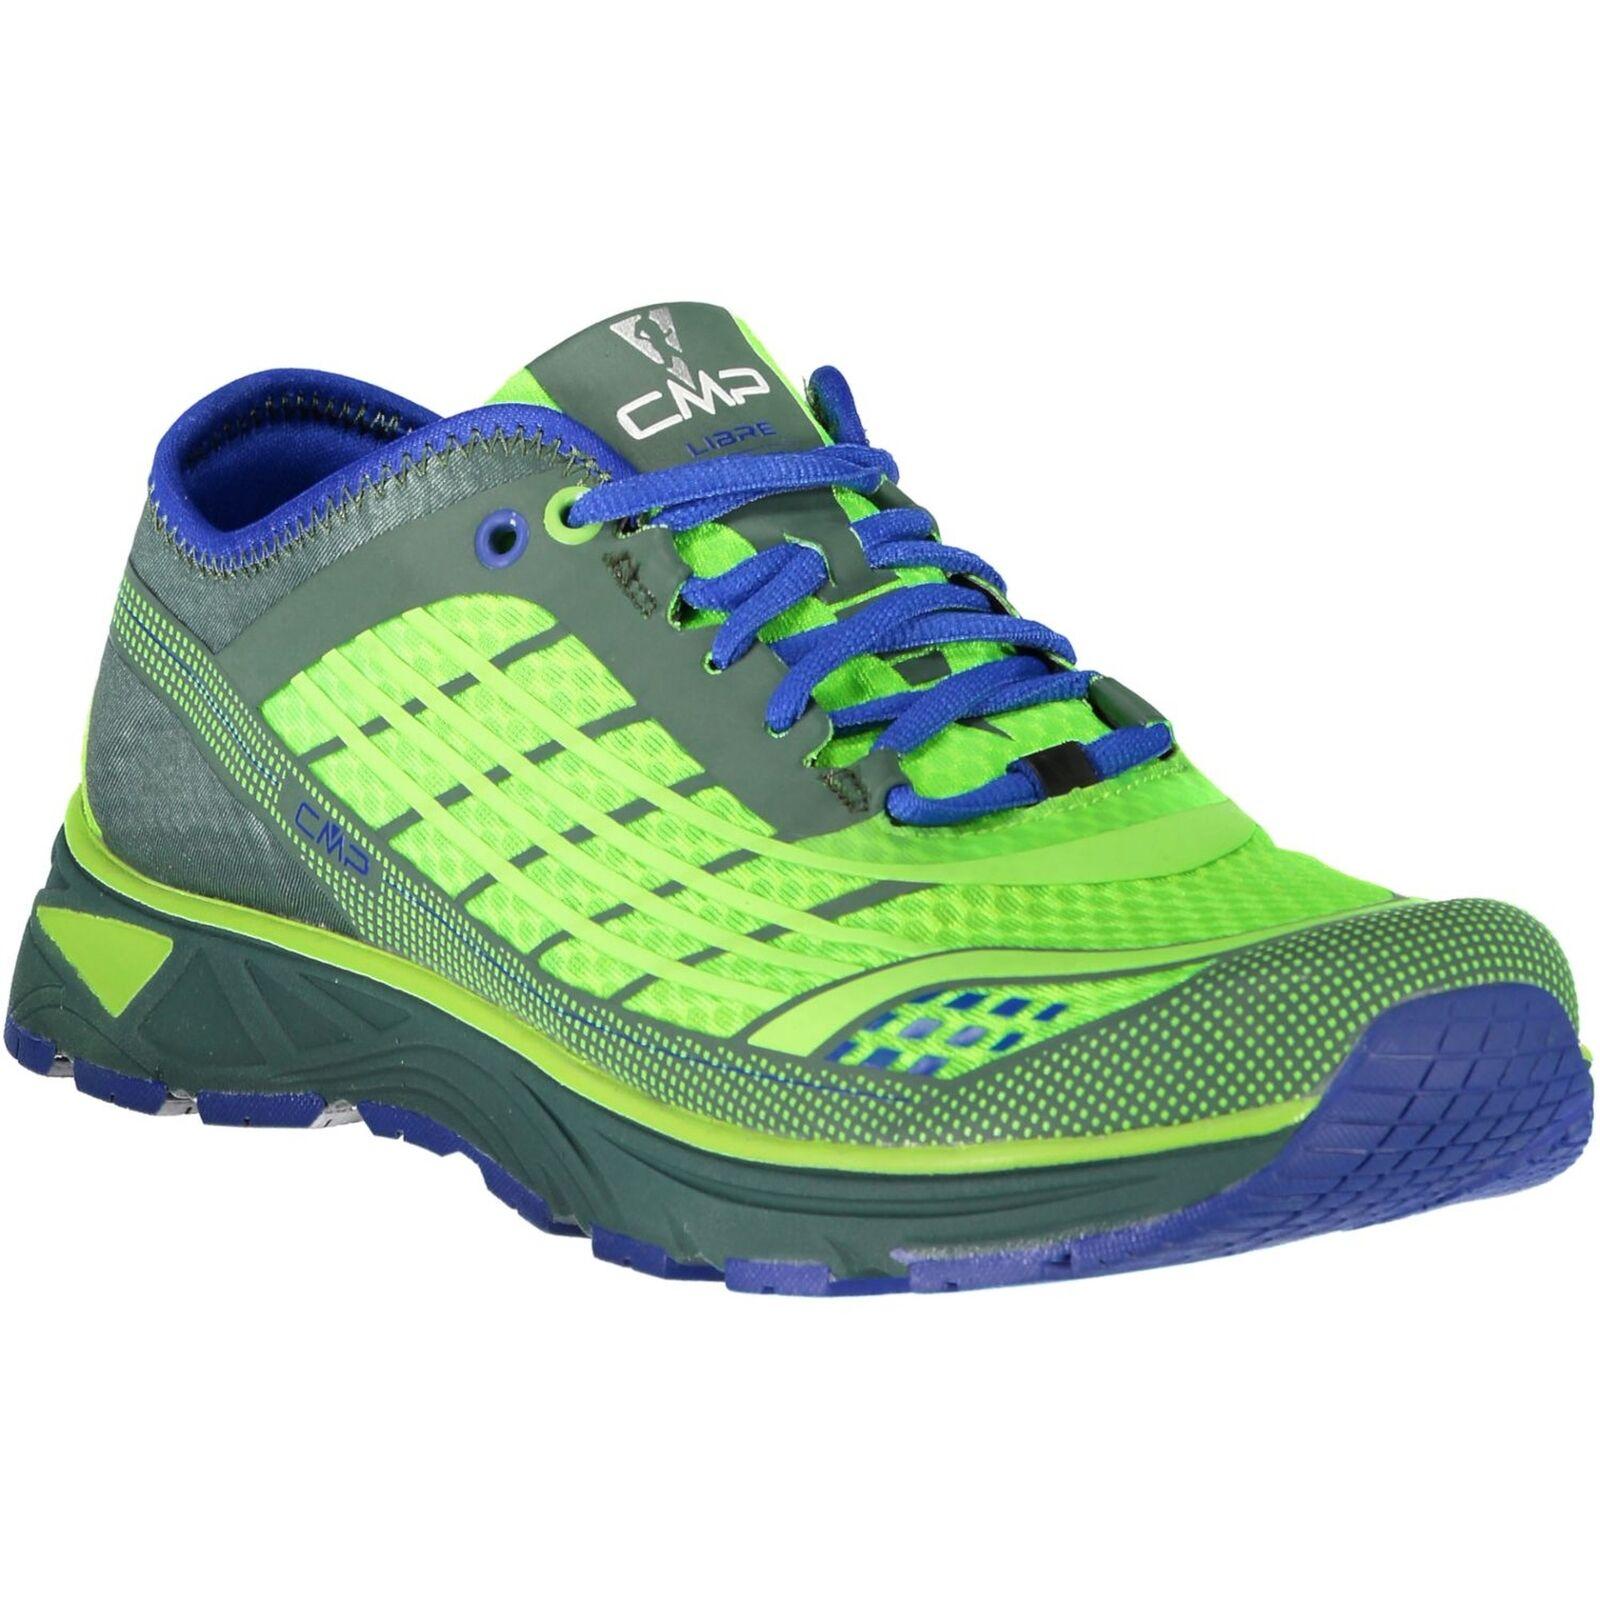 CMP Laufschuhe Sportschuhe LIBRE RUNNING SHOES green Unifarben Mesh